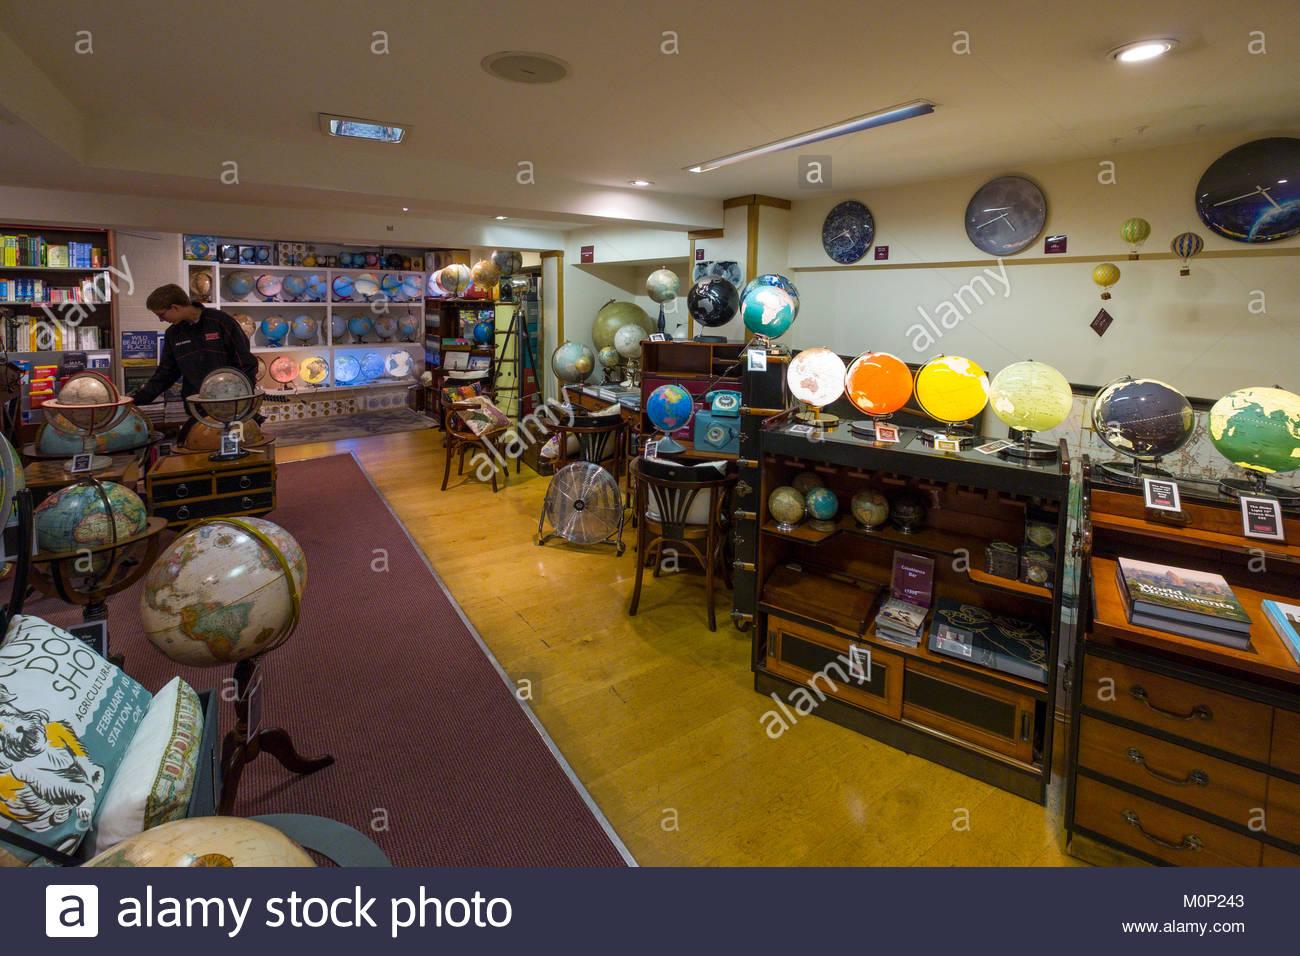 Map Shop Stock Photos & Map Shop Stock Images - Alamy